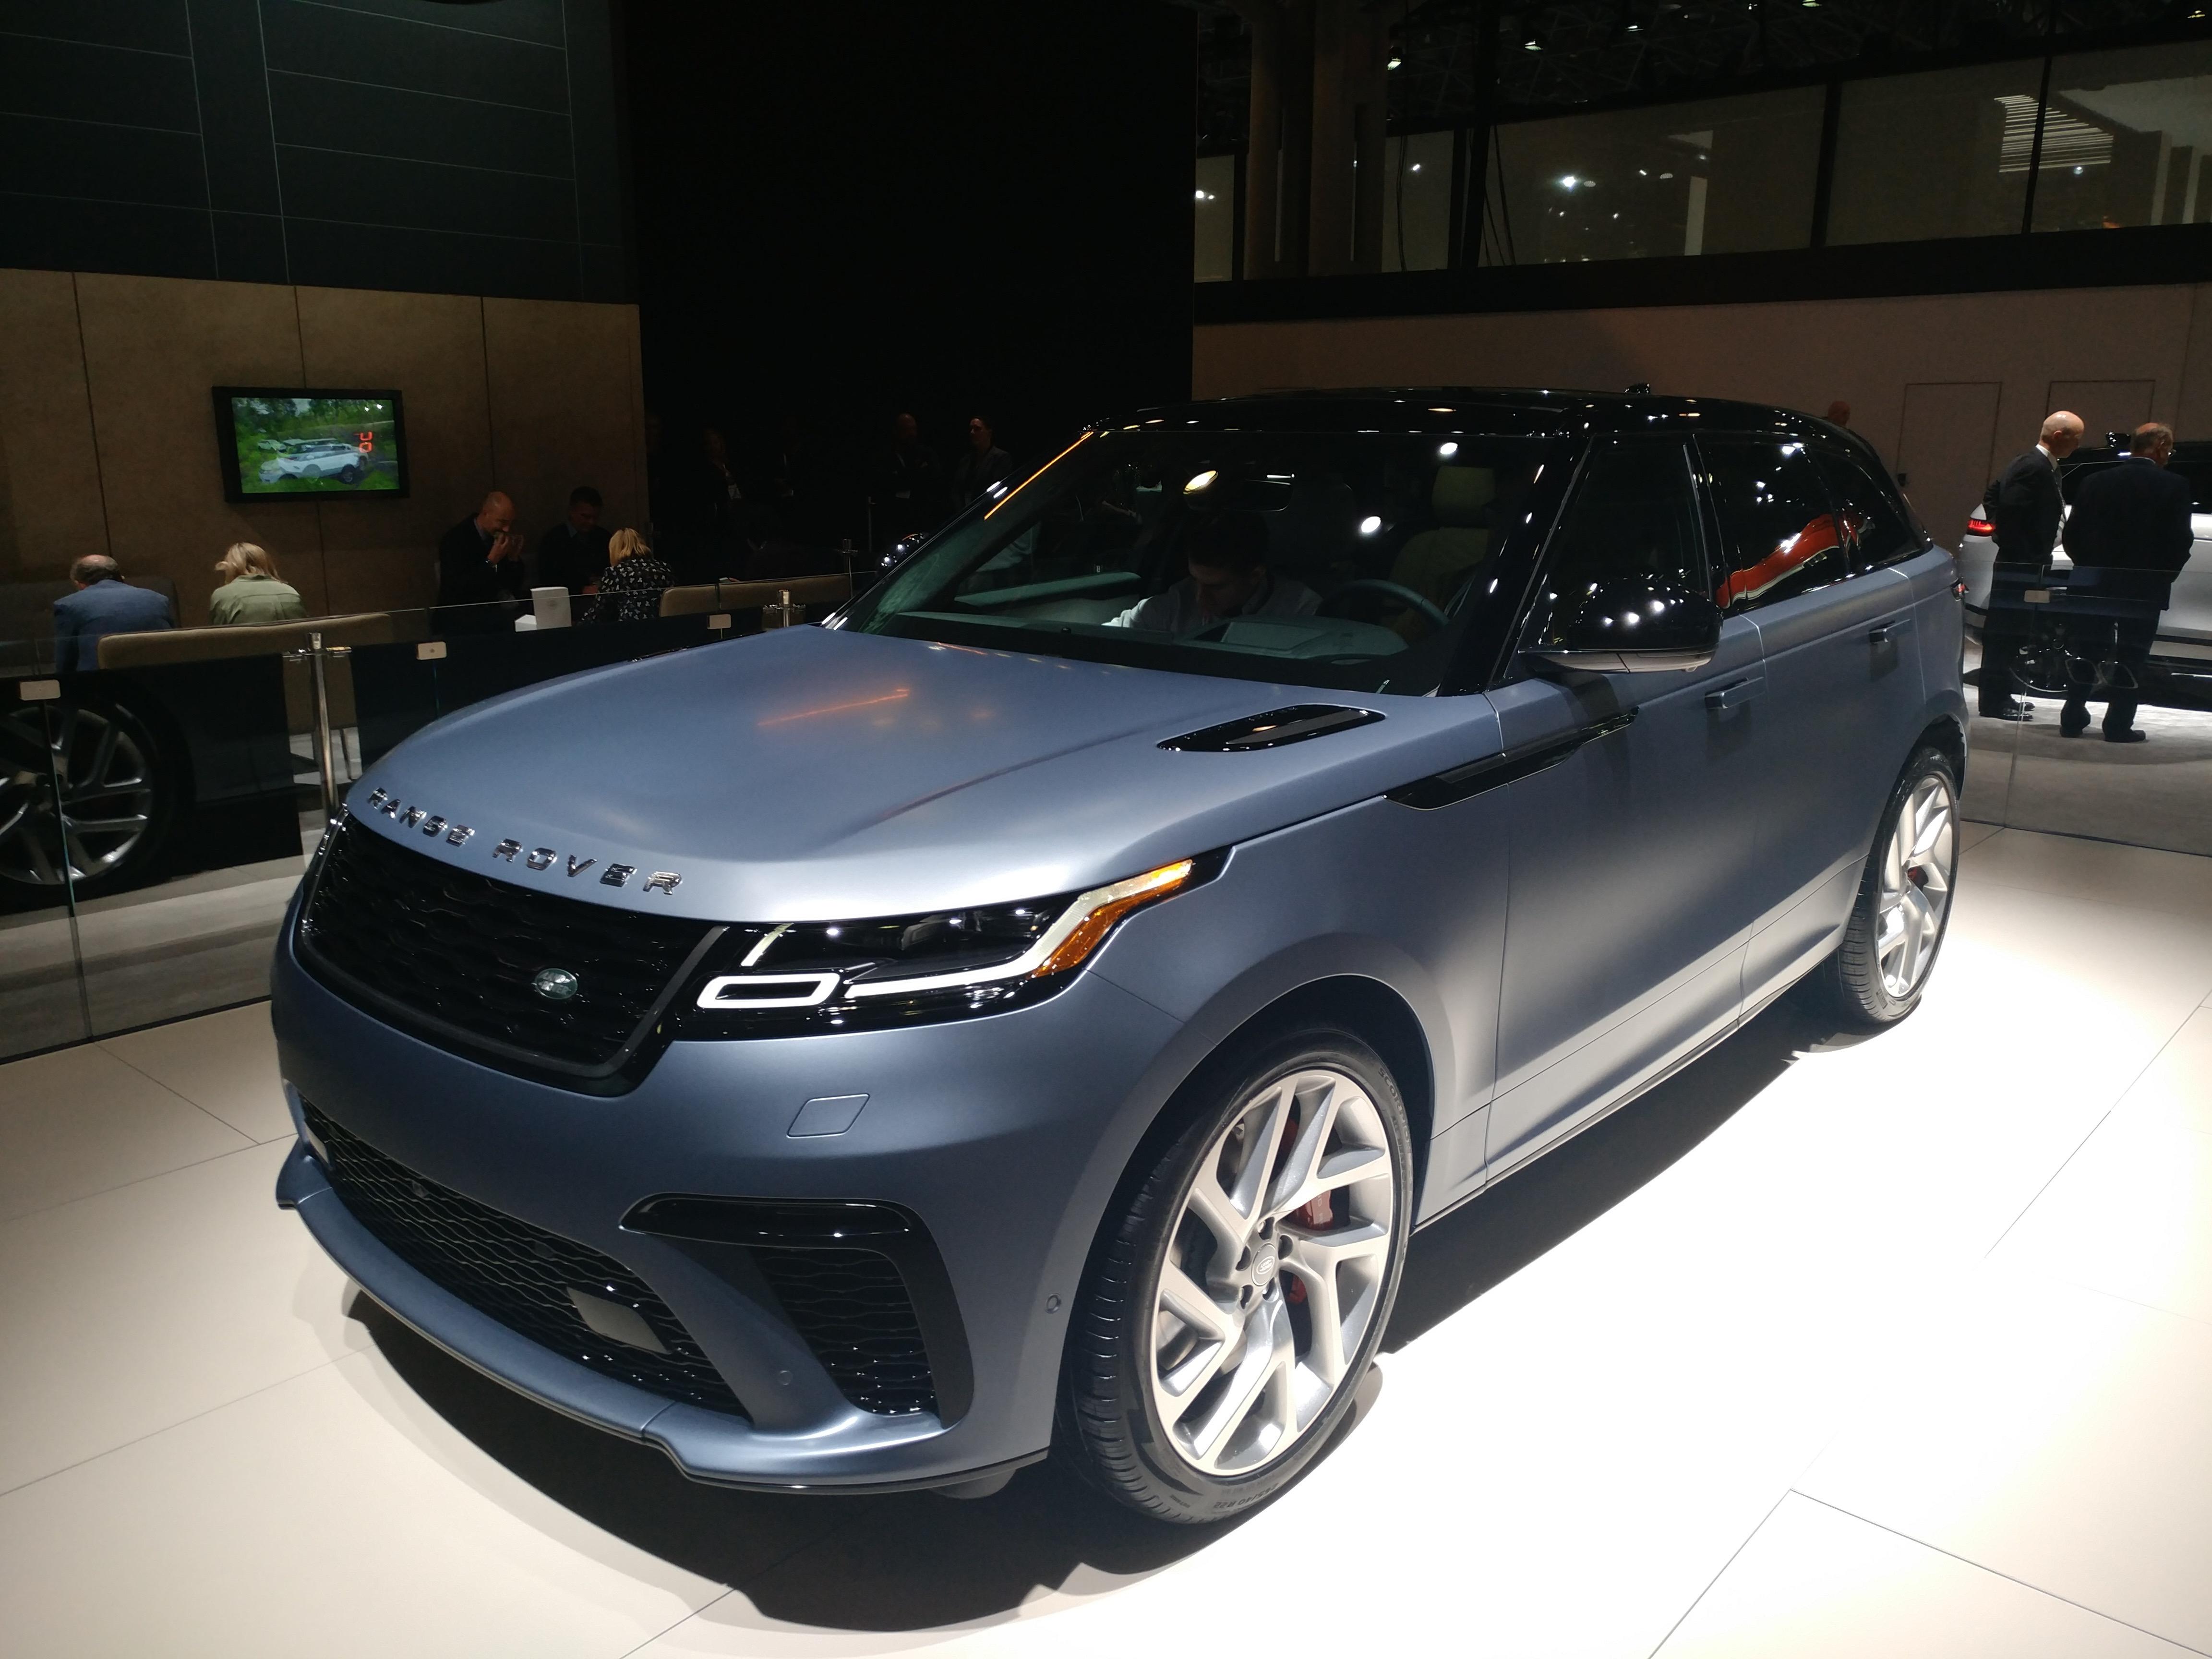 Range Rover Velar (Evan Bleier/InsideHook)